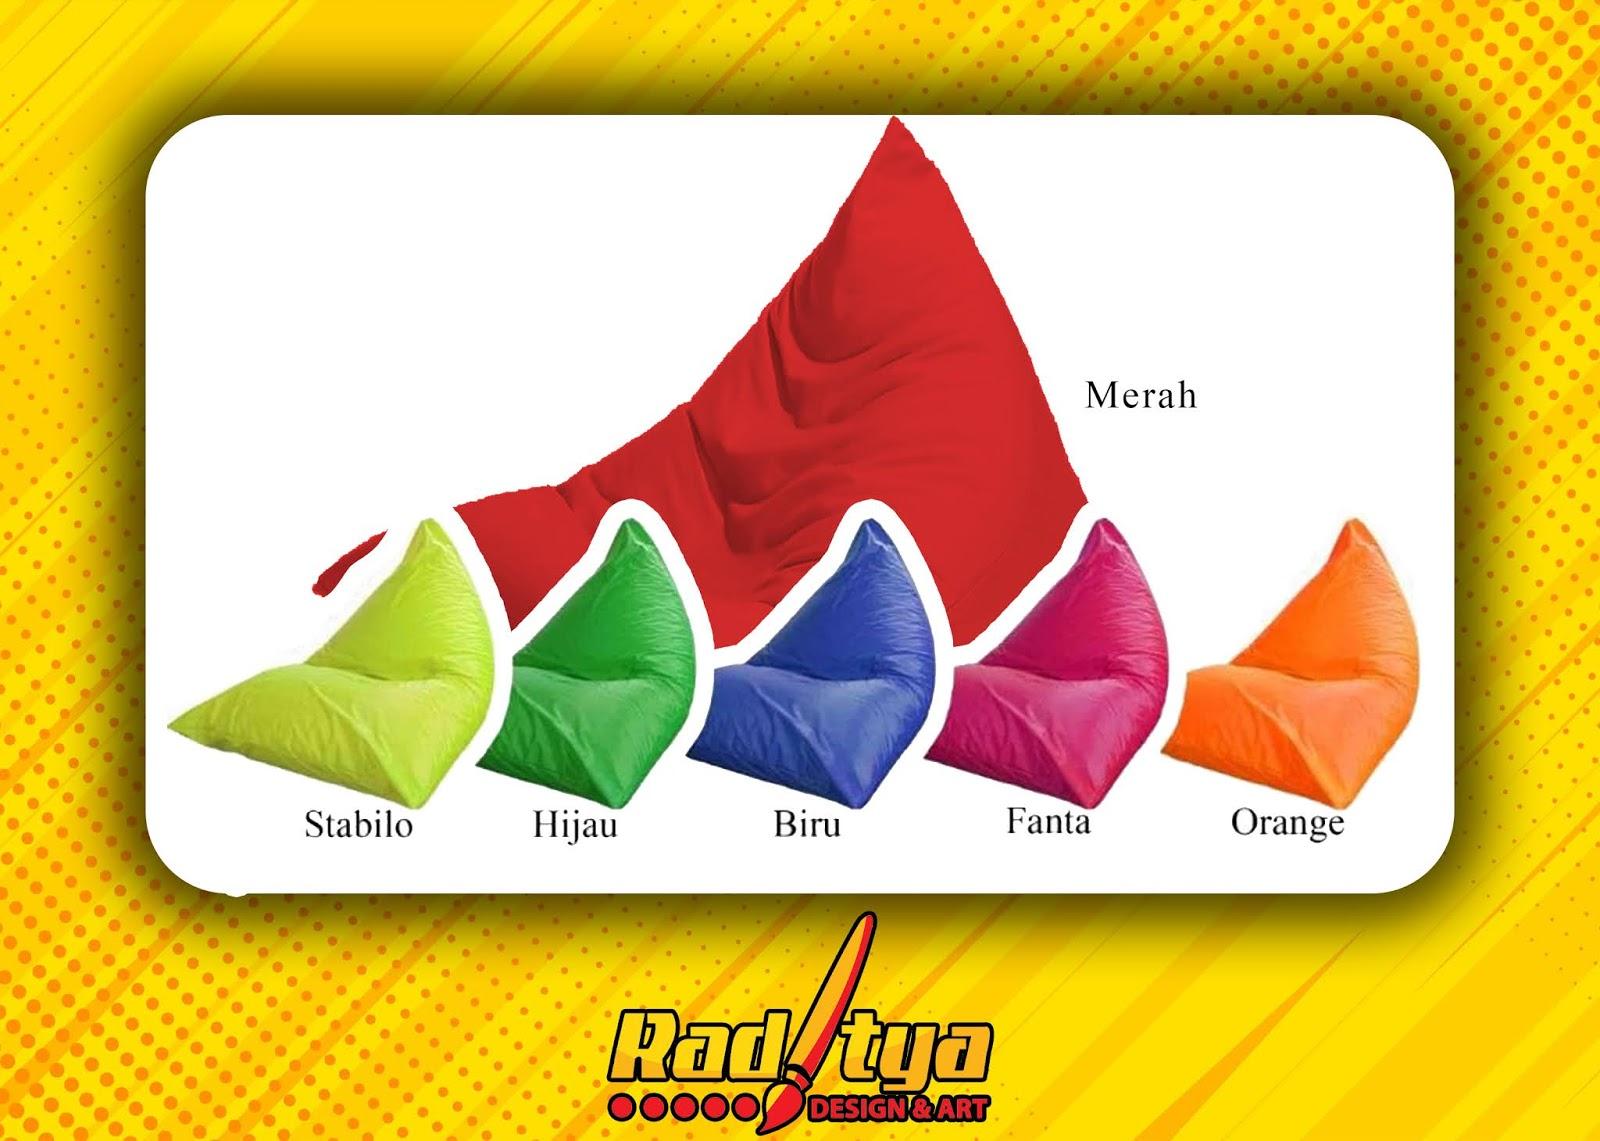 Jual Bean Bag Murah